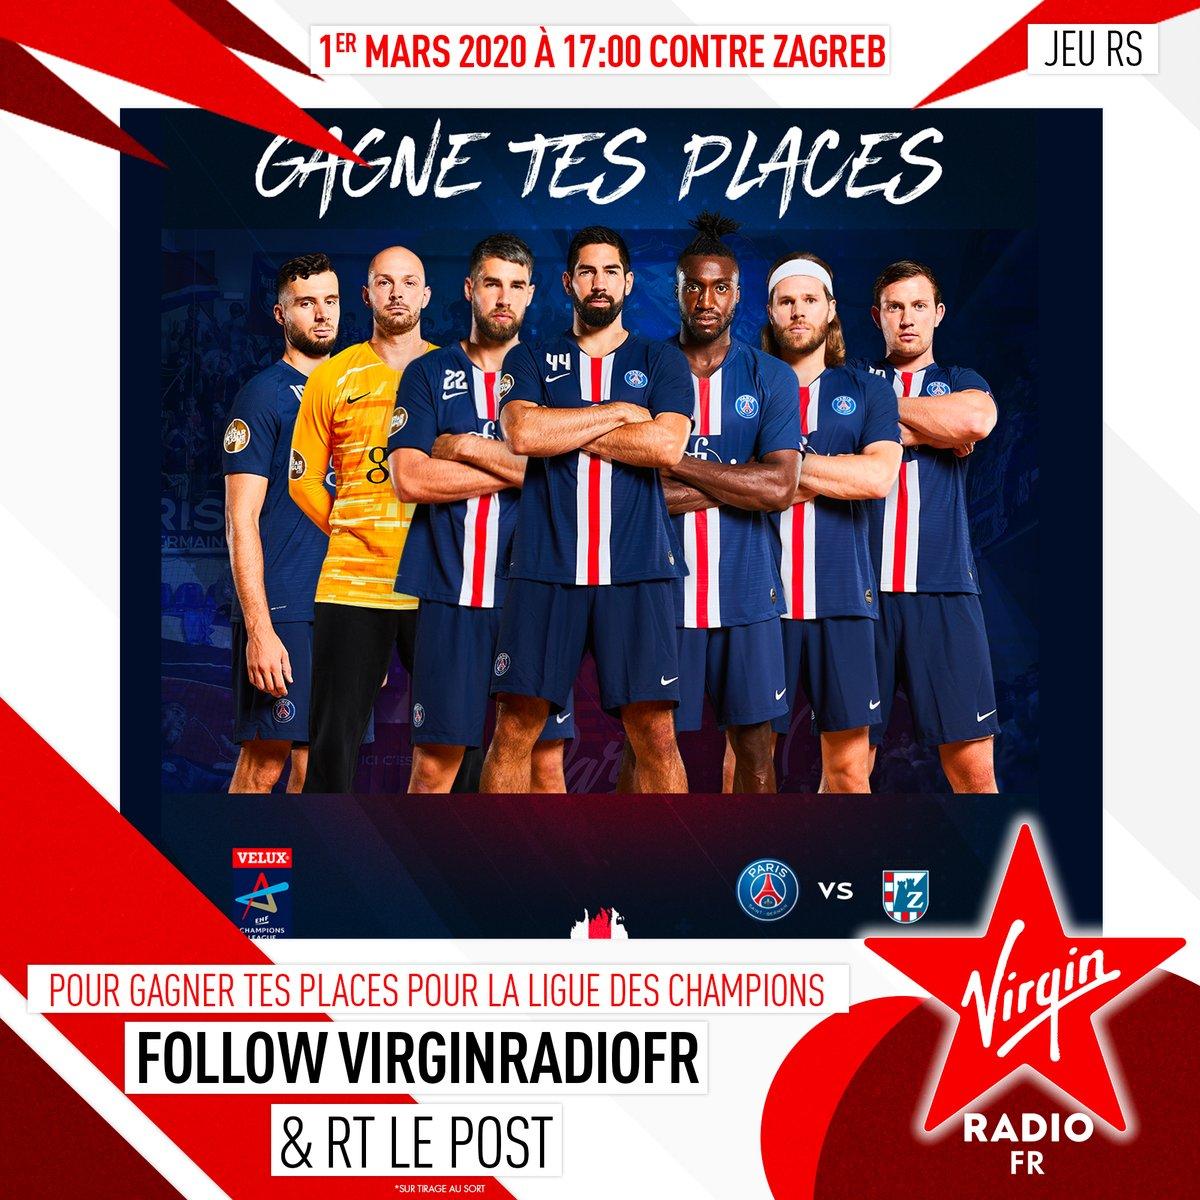 **CONCOURS** 🍀 Follow @VirginRadiofr + RT ce tweet pour tenter de GAGNER tes PLACES pour le MATCH de Handball 🤾♂ Ligue Des Champions 🏆 @psghand VS @RKZagreb ce dimanche 1 mars au Stade Pierre De Coubertin